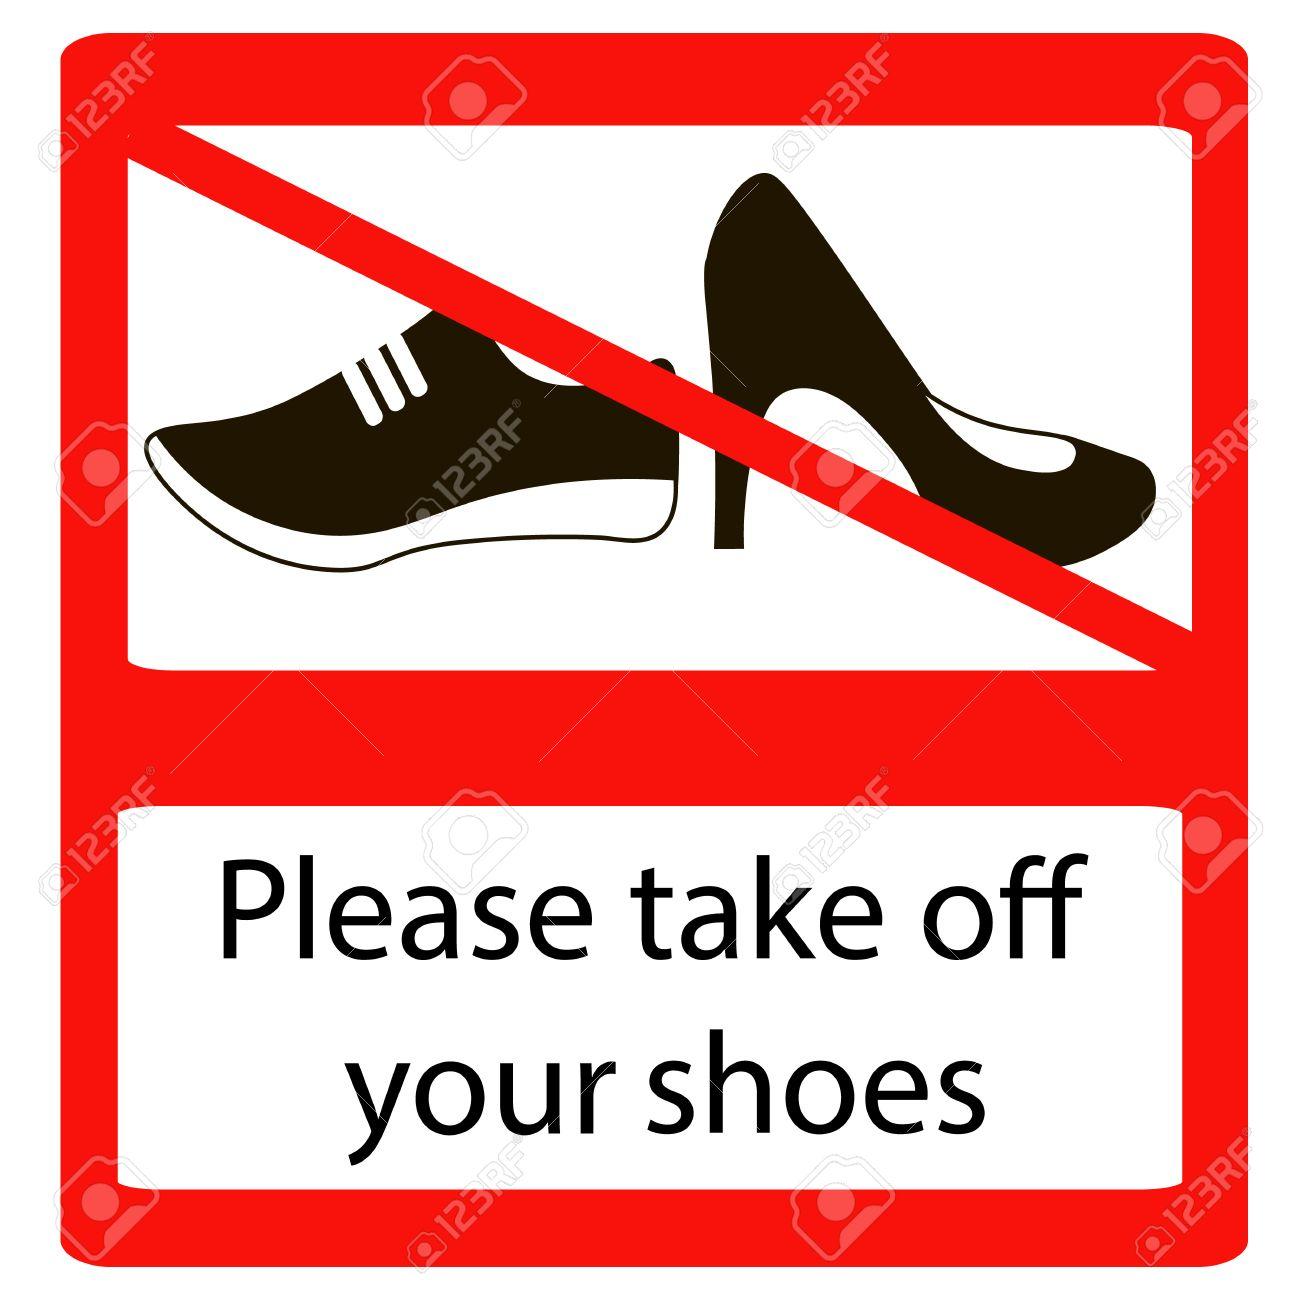 Bitte Schuhe Ausziehen bitte schuhe ausziehen zeichen keine schuhe warnzeichen verbotene